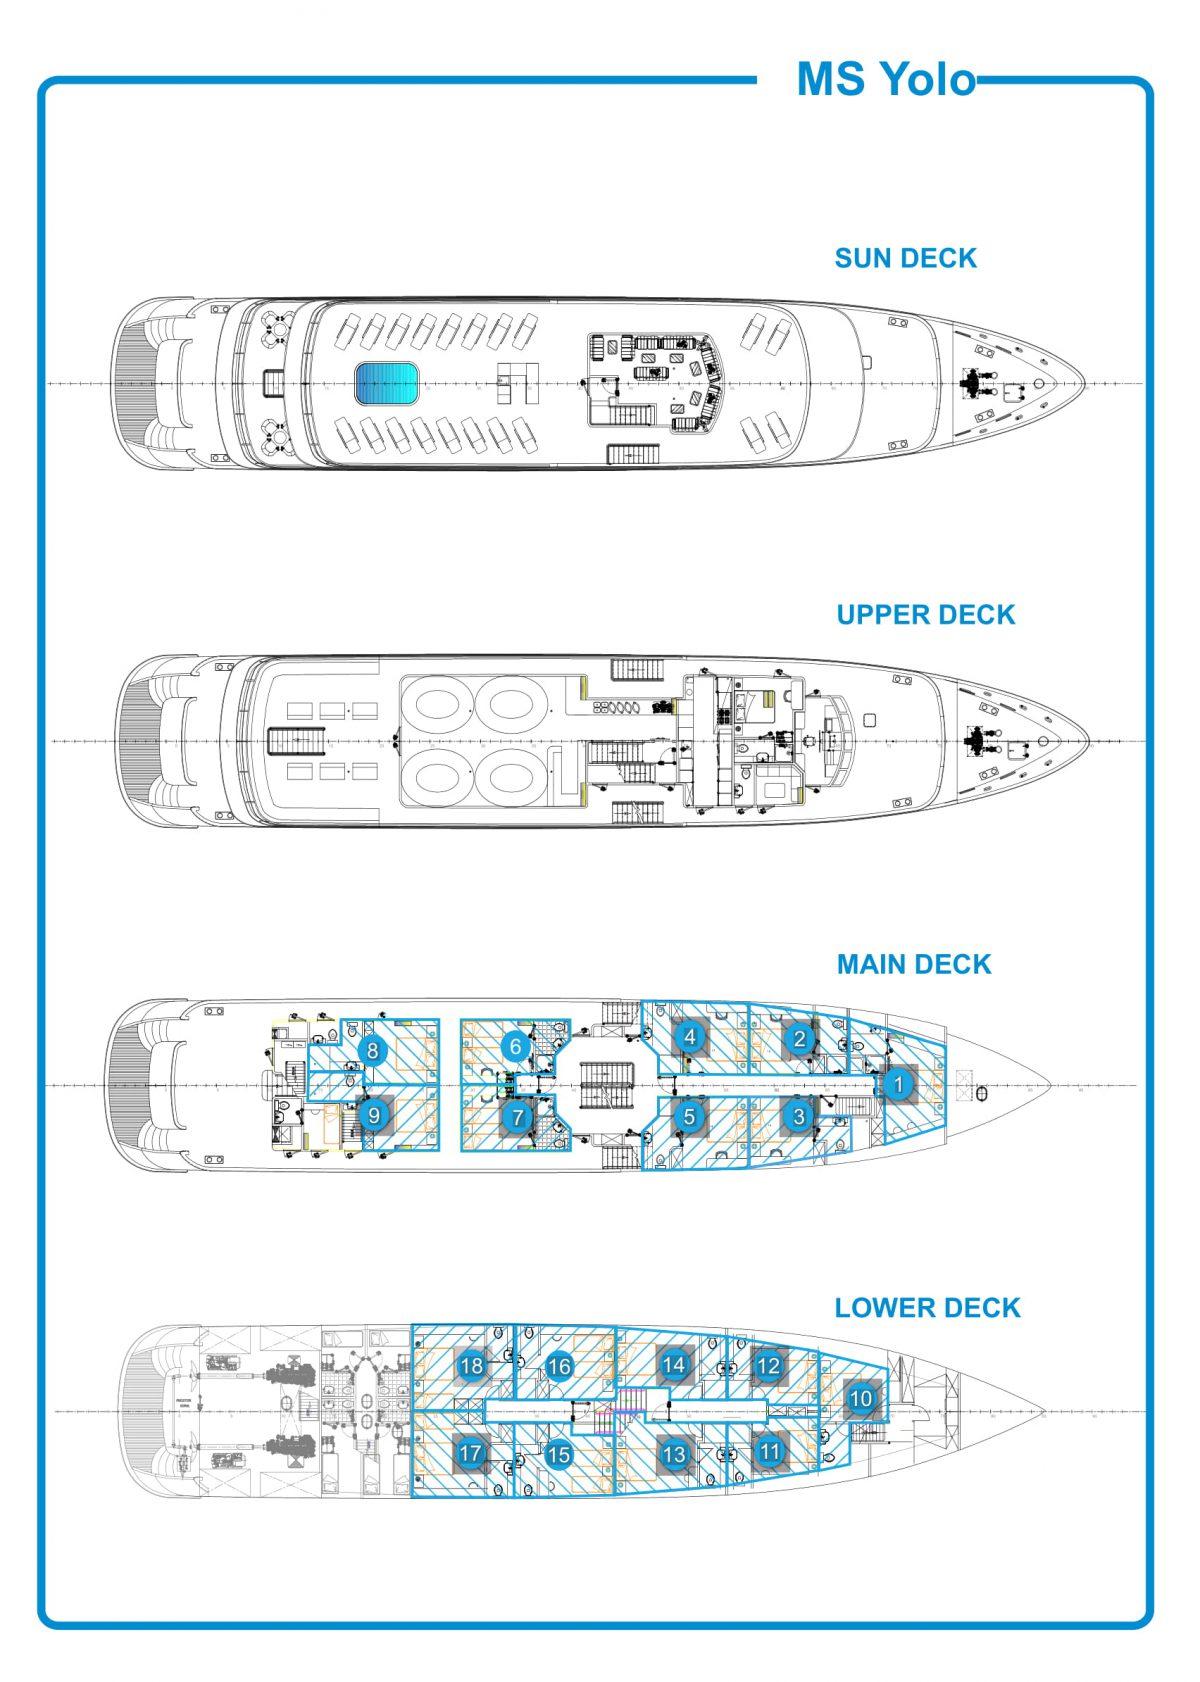 Yolo Deck Plan